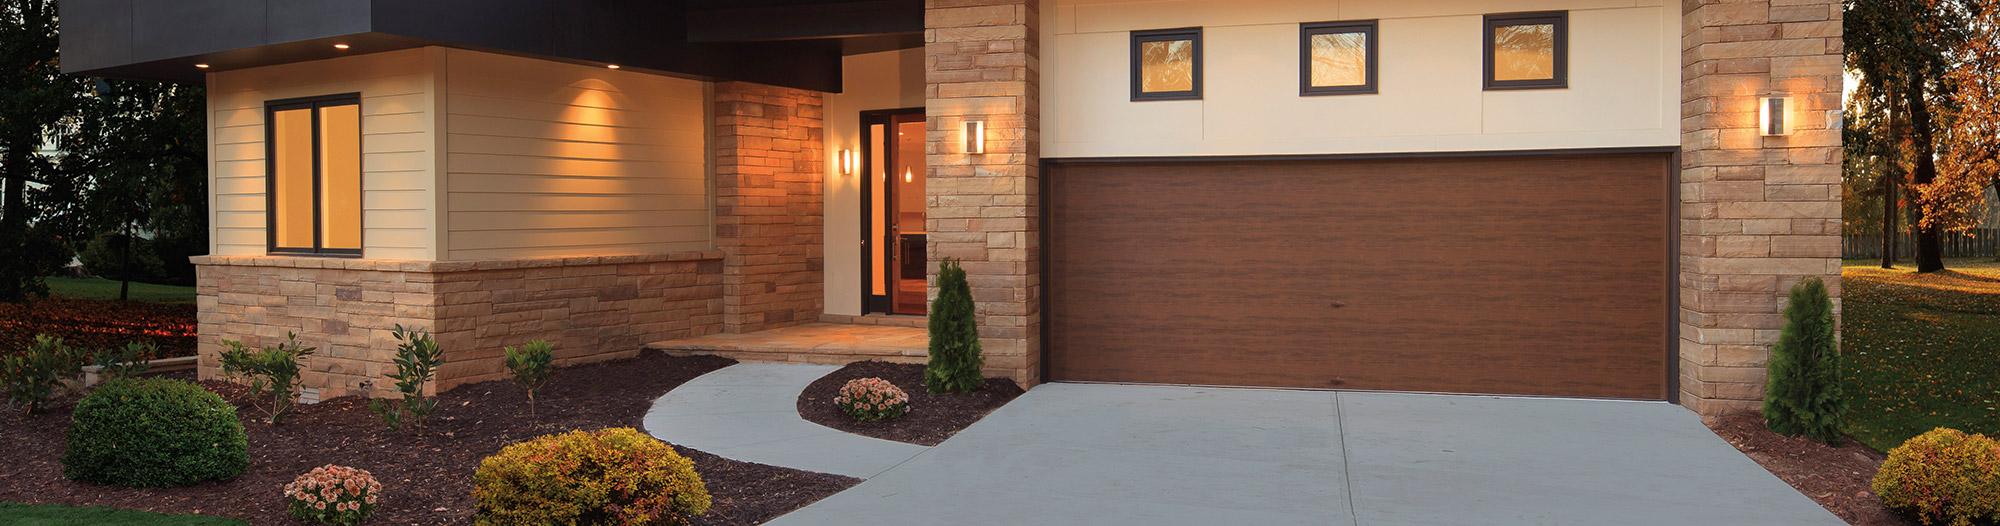 Garage Doors & Clopay Residential Garage Door Dealer | Continental Door | Spokane WA